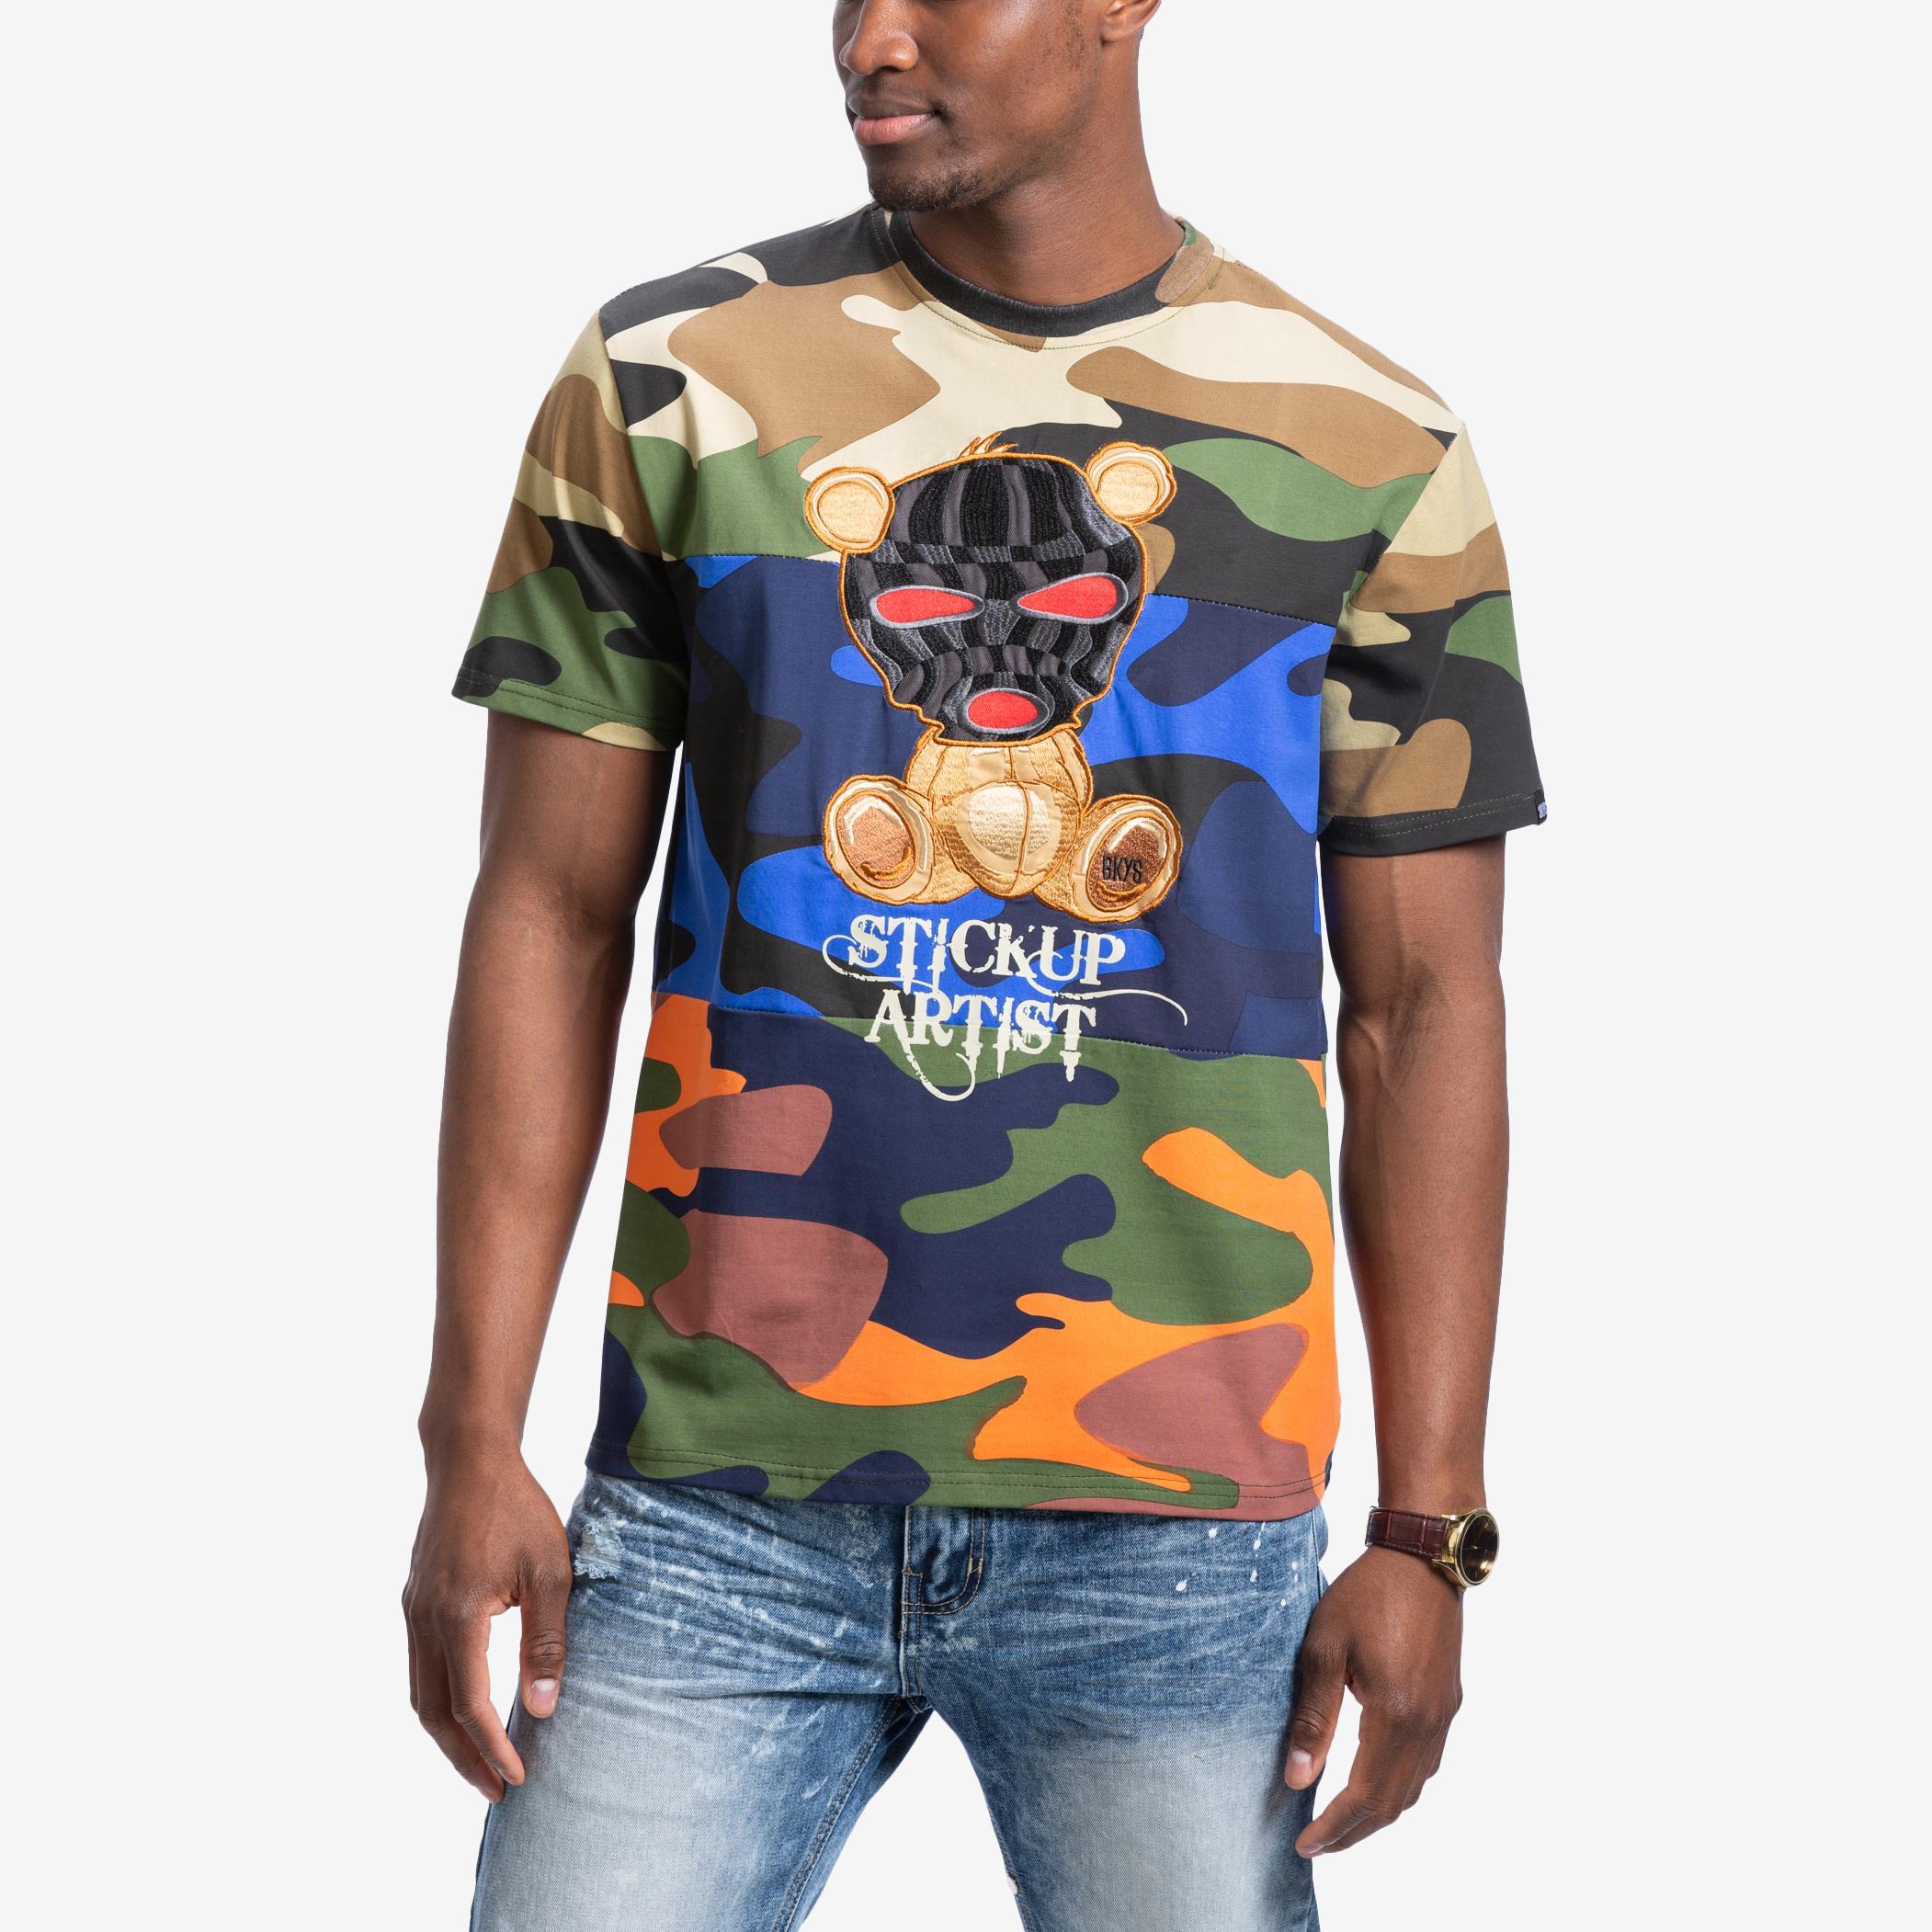 Stickup Artist T- Shirt